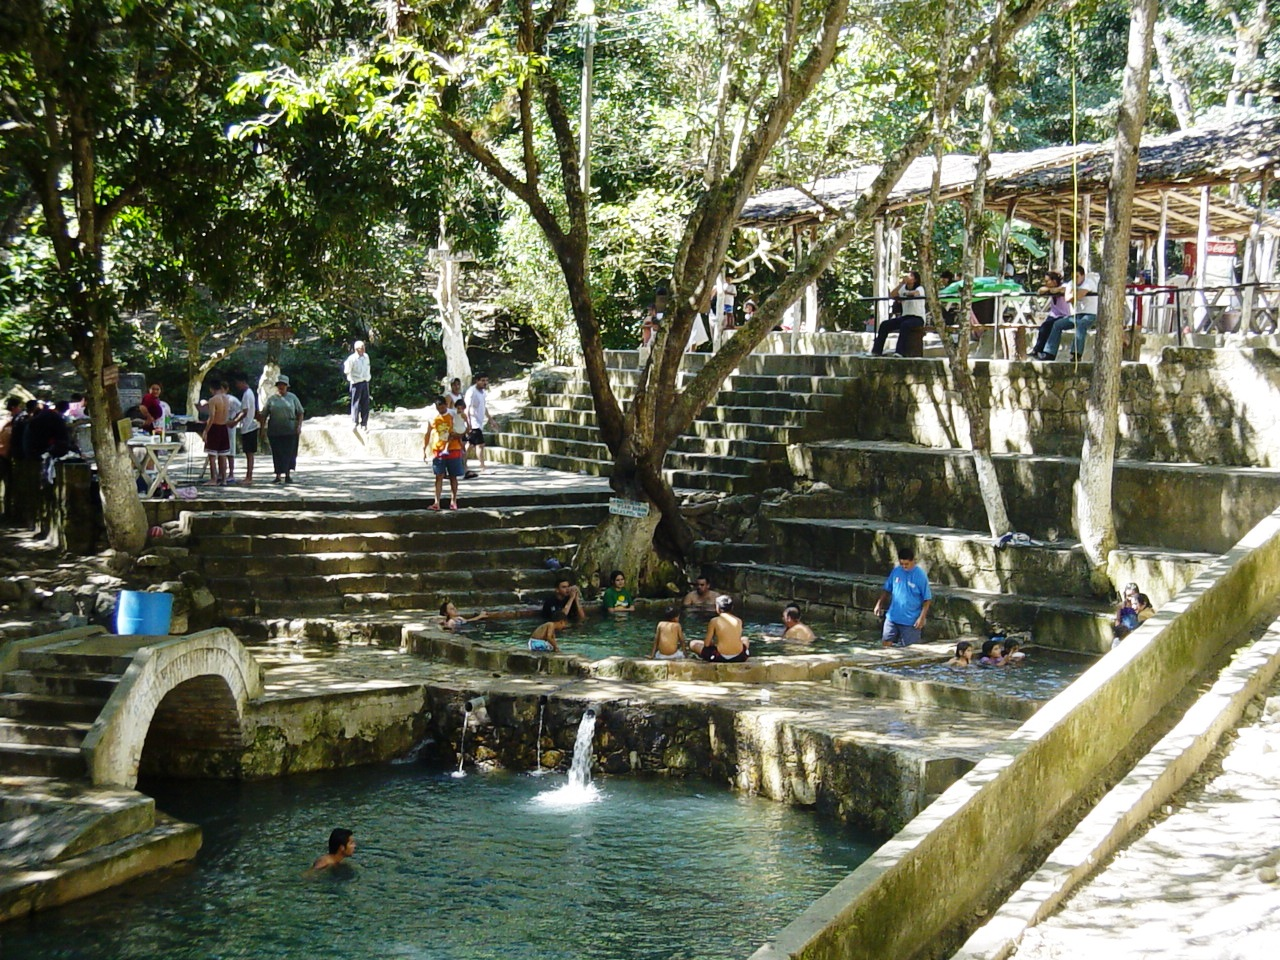 Baños Turcos Naturales En Aguas Termales:File:Aguas Termales, Gracias, Lempirajpg – Wikimedia Commons